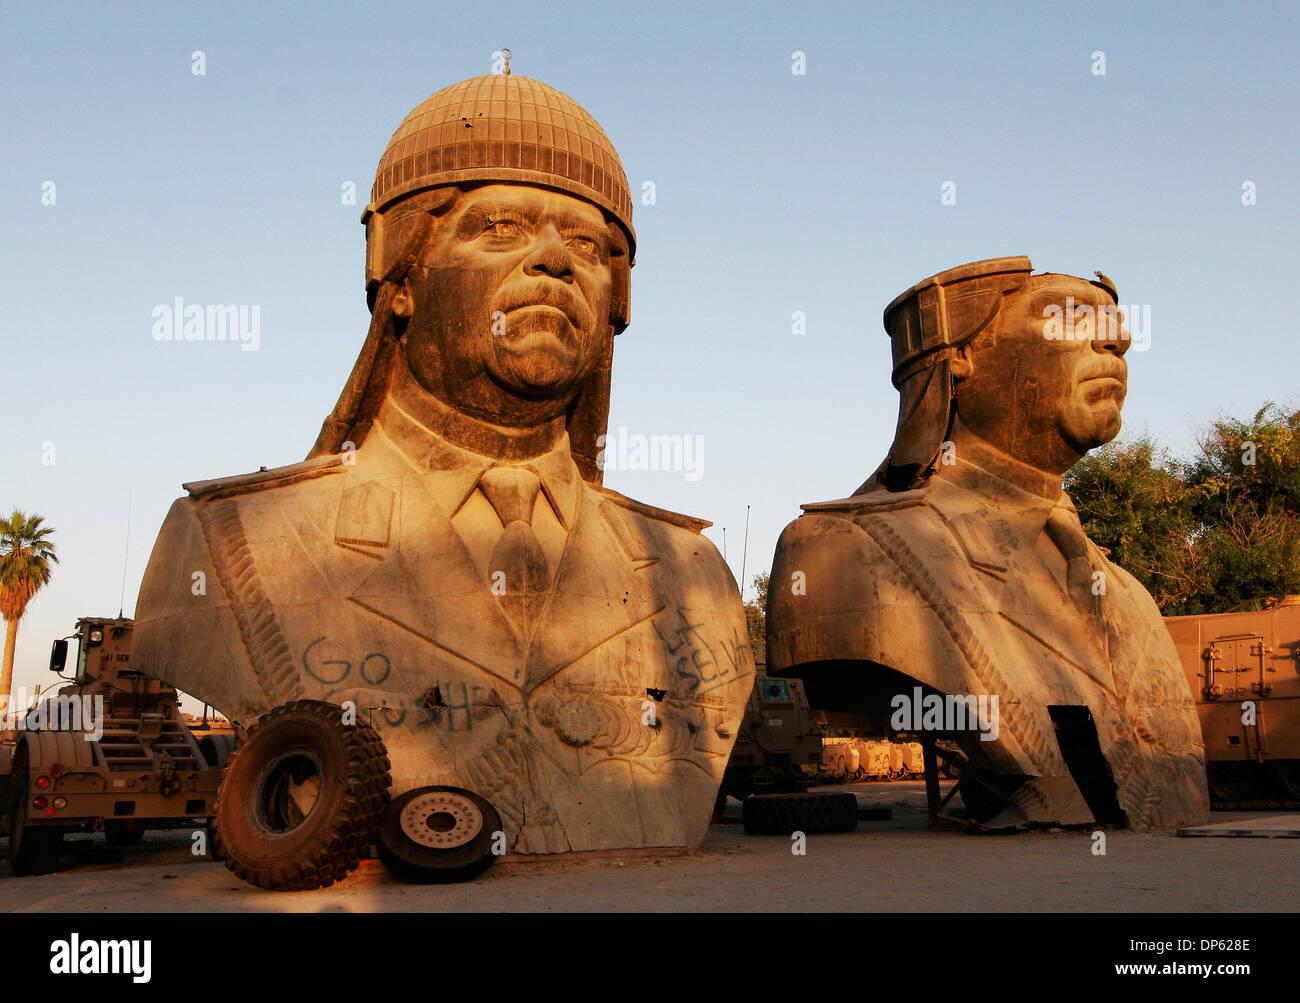 Giu 04 2006, Baghdad, Iraq; rovesciato 20 piedi di statue di Saddam Hussein, preso da uno della ex presidente iracheno i palazzi, sedersi in una partita di ammasso a Baghdad la zona verde il 4 giugno 2006. Credito: Foto di David Honl/ZUMA premere. (©) Copyright 2006 by David Honl Immagini Stock